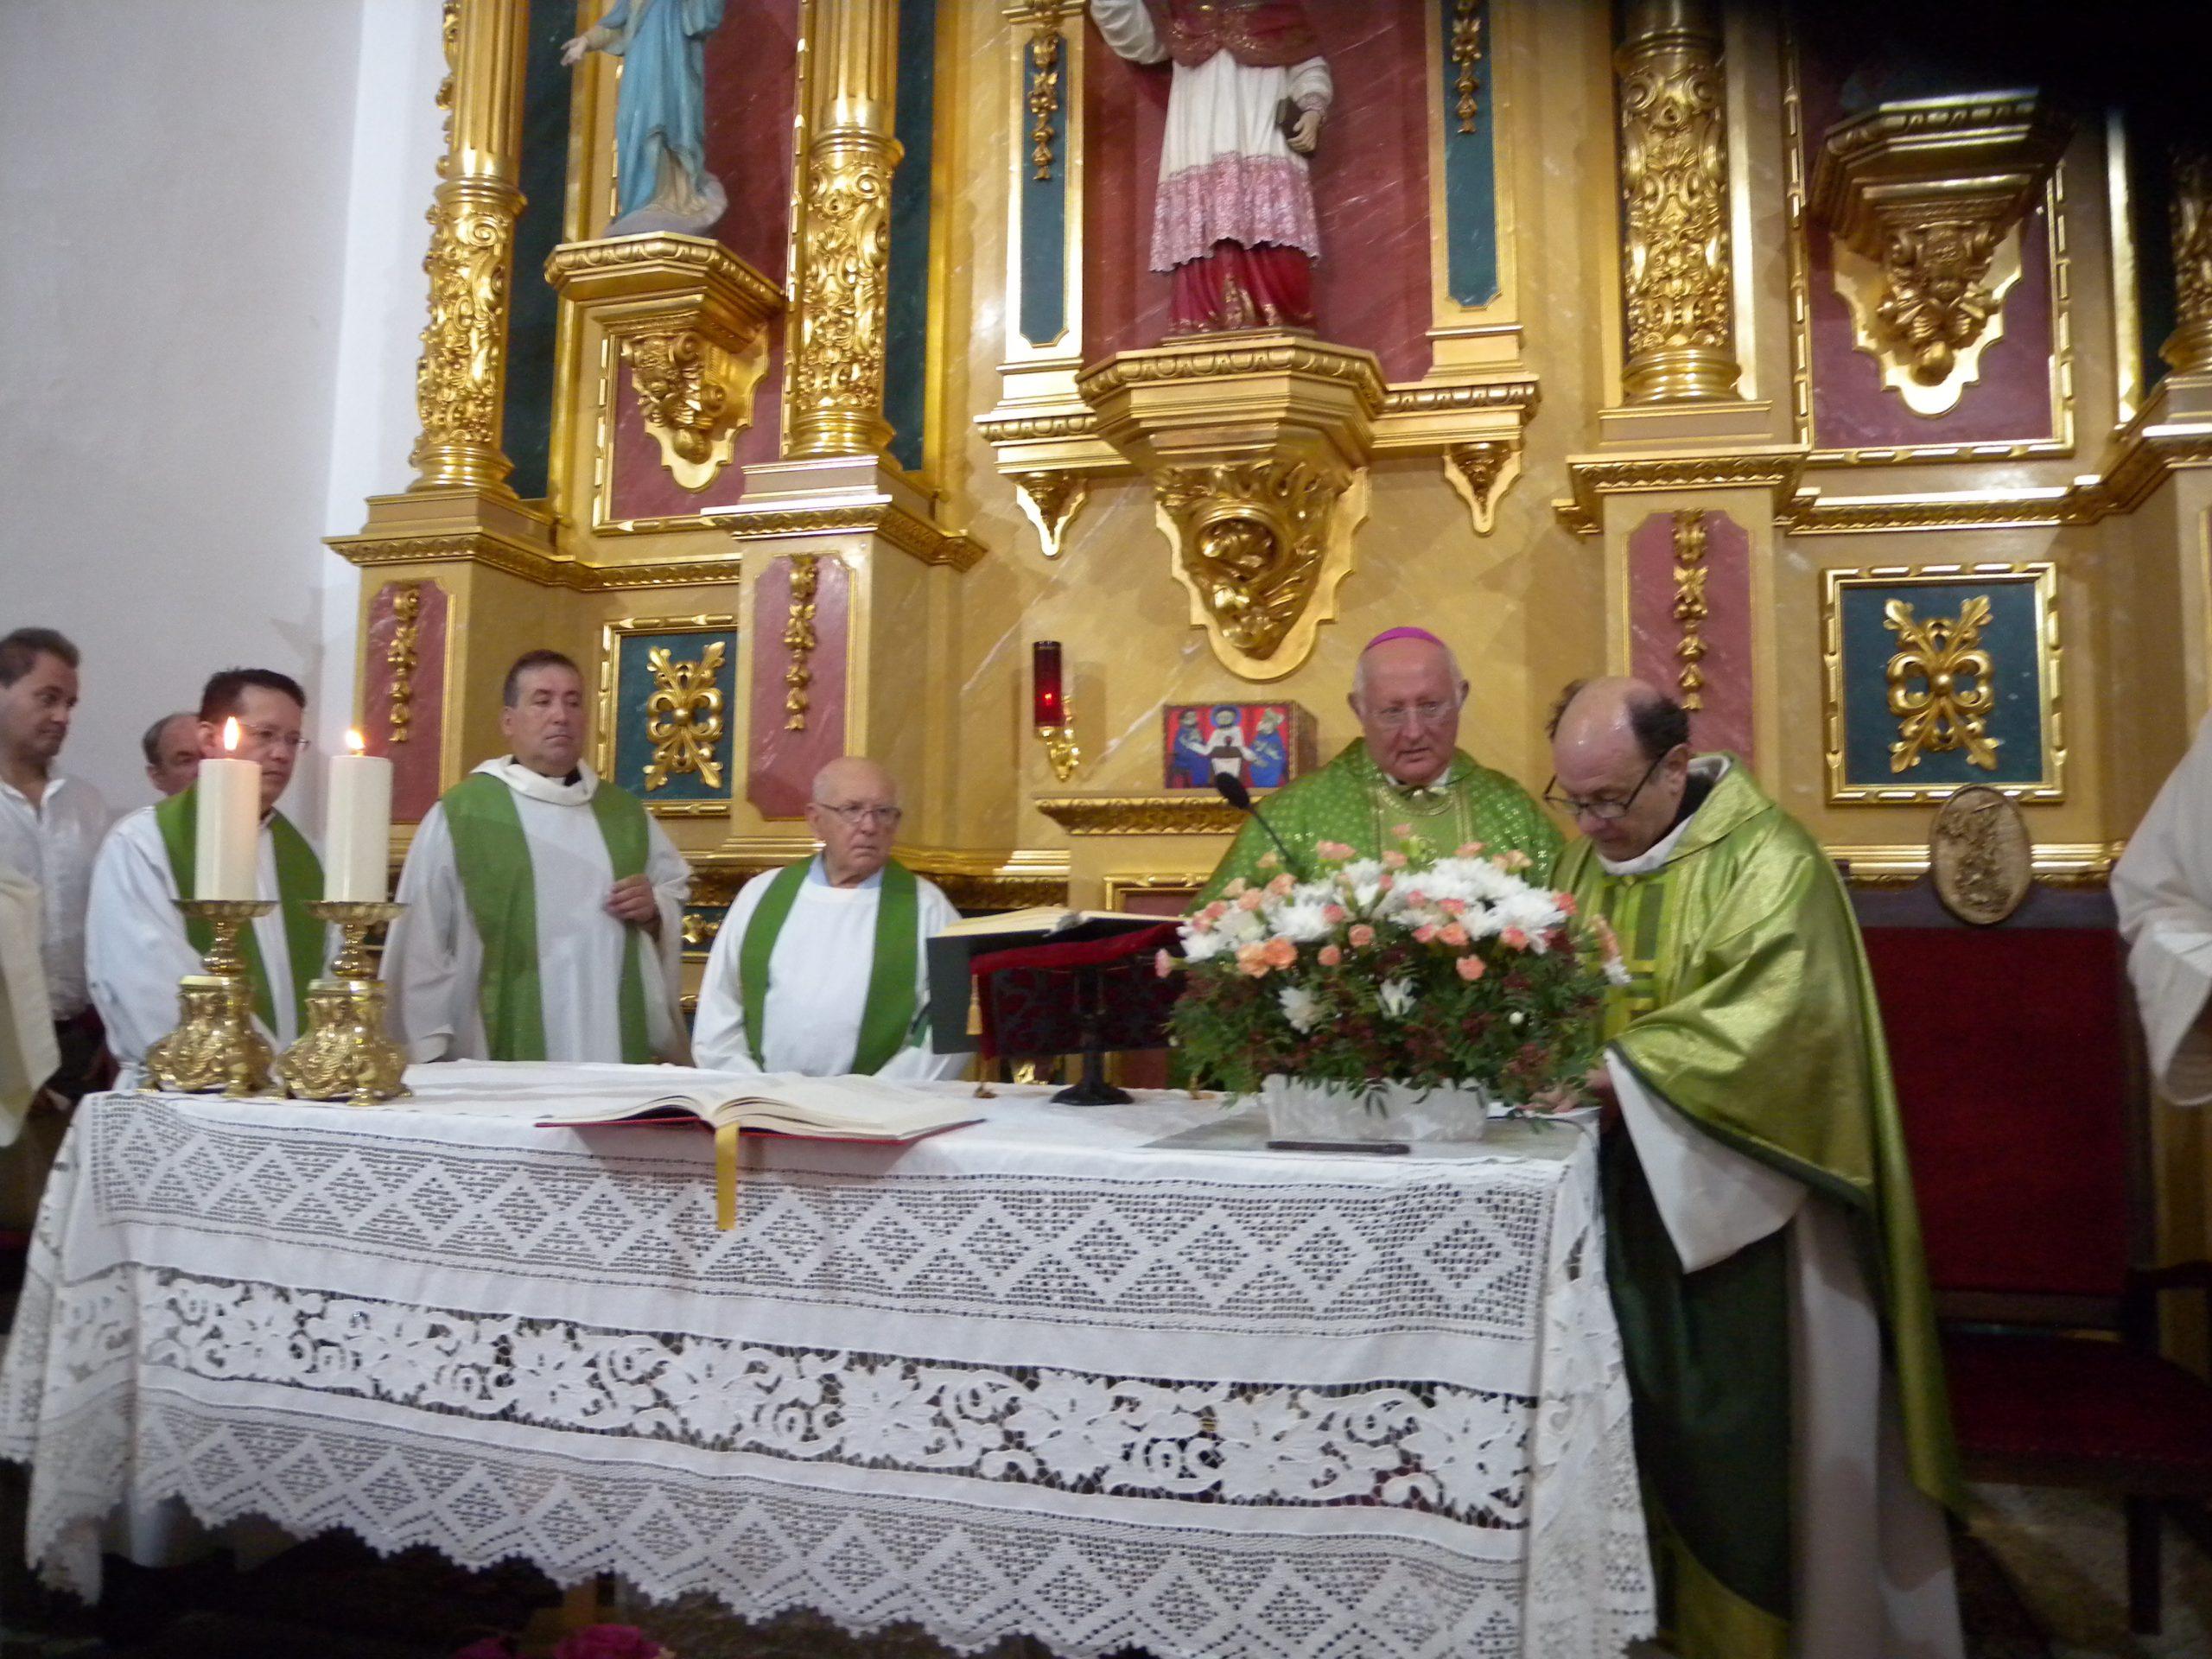 TOMA DE POSESIÓN DE D. ANTONIO FERRER COMO PÁRROCO DE SAN CARLOS DE PERALTA